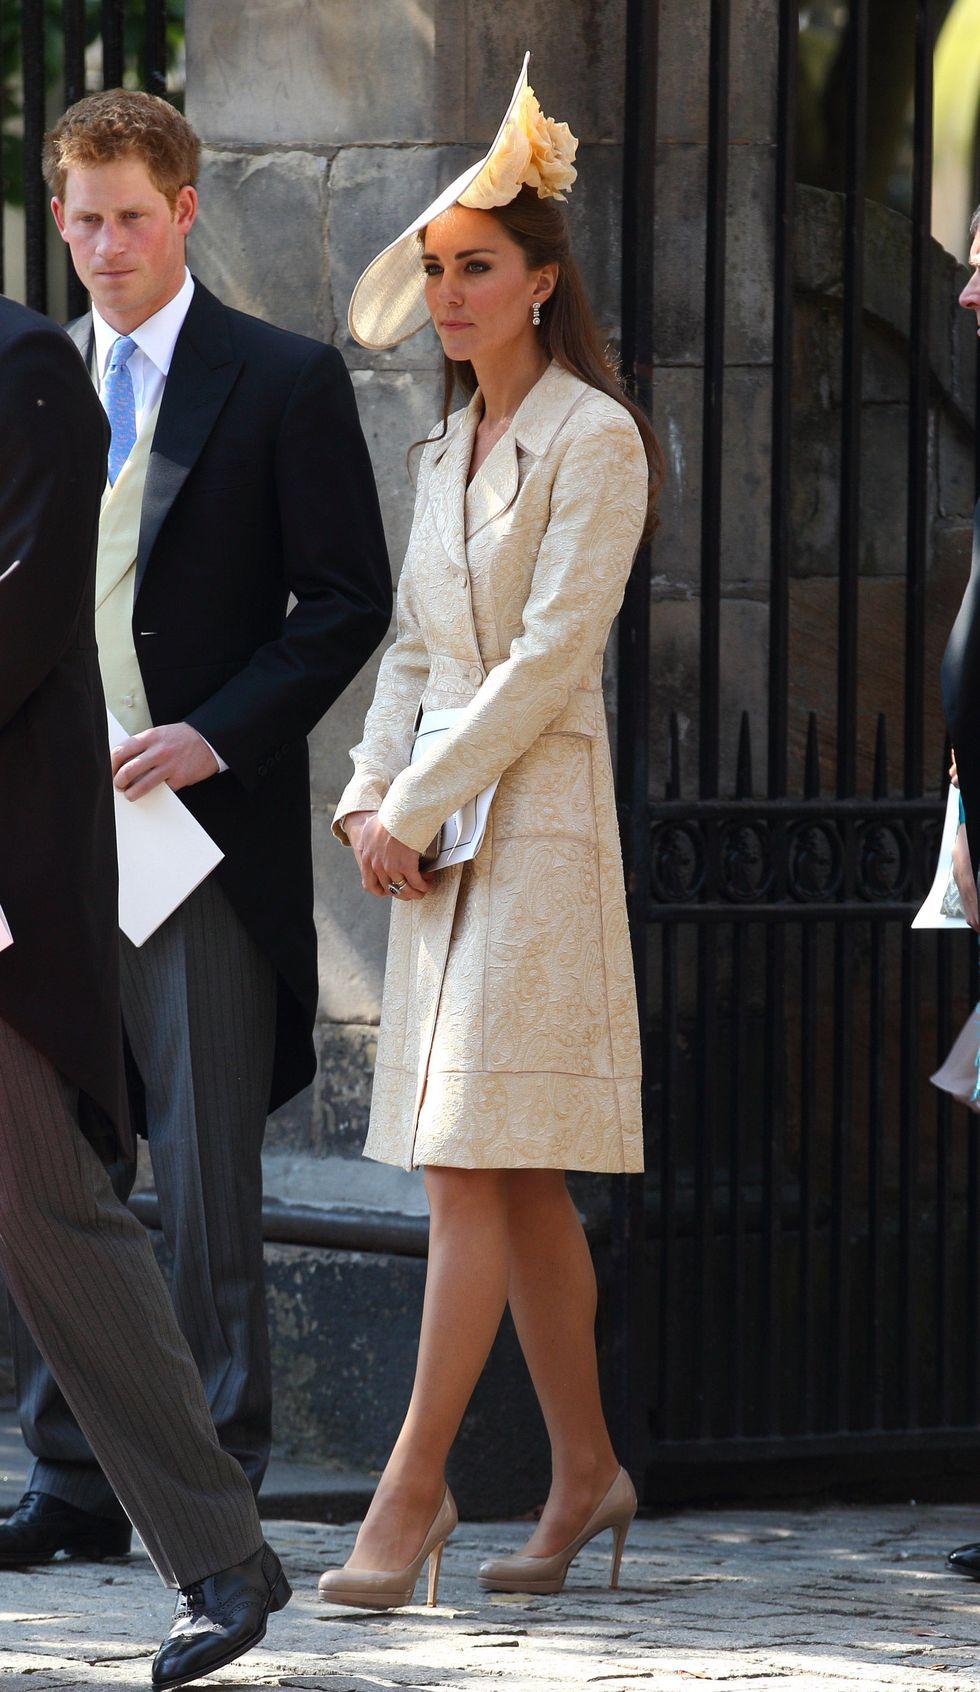 Lên đồ đi đám cưới, Kate Middleton tinh tế - Meghan Markle phản cảm khi hết lộ nội y đến vô duyên lấn át cô dâu - Ảnh 9.